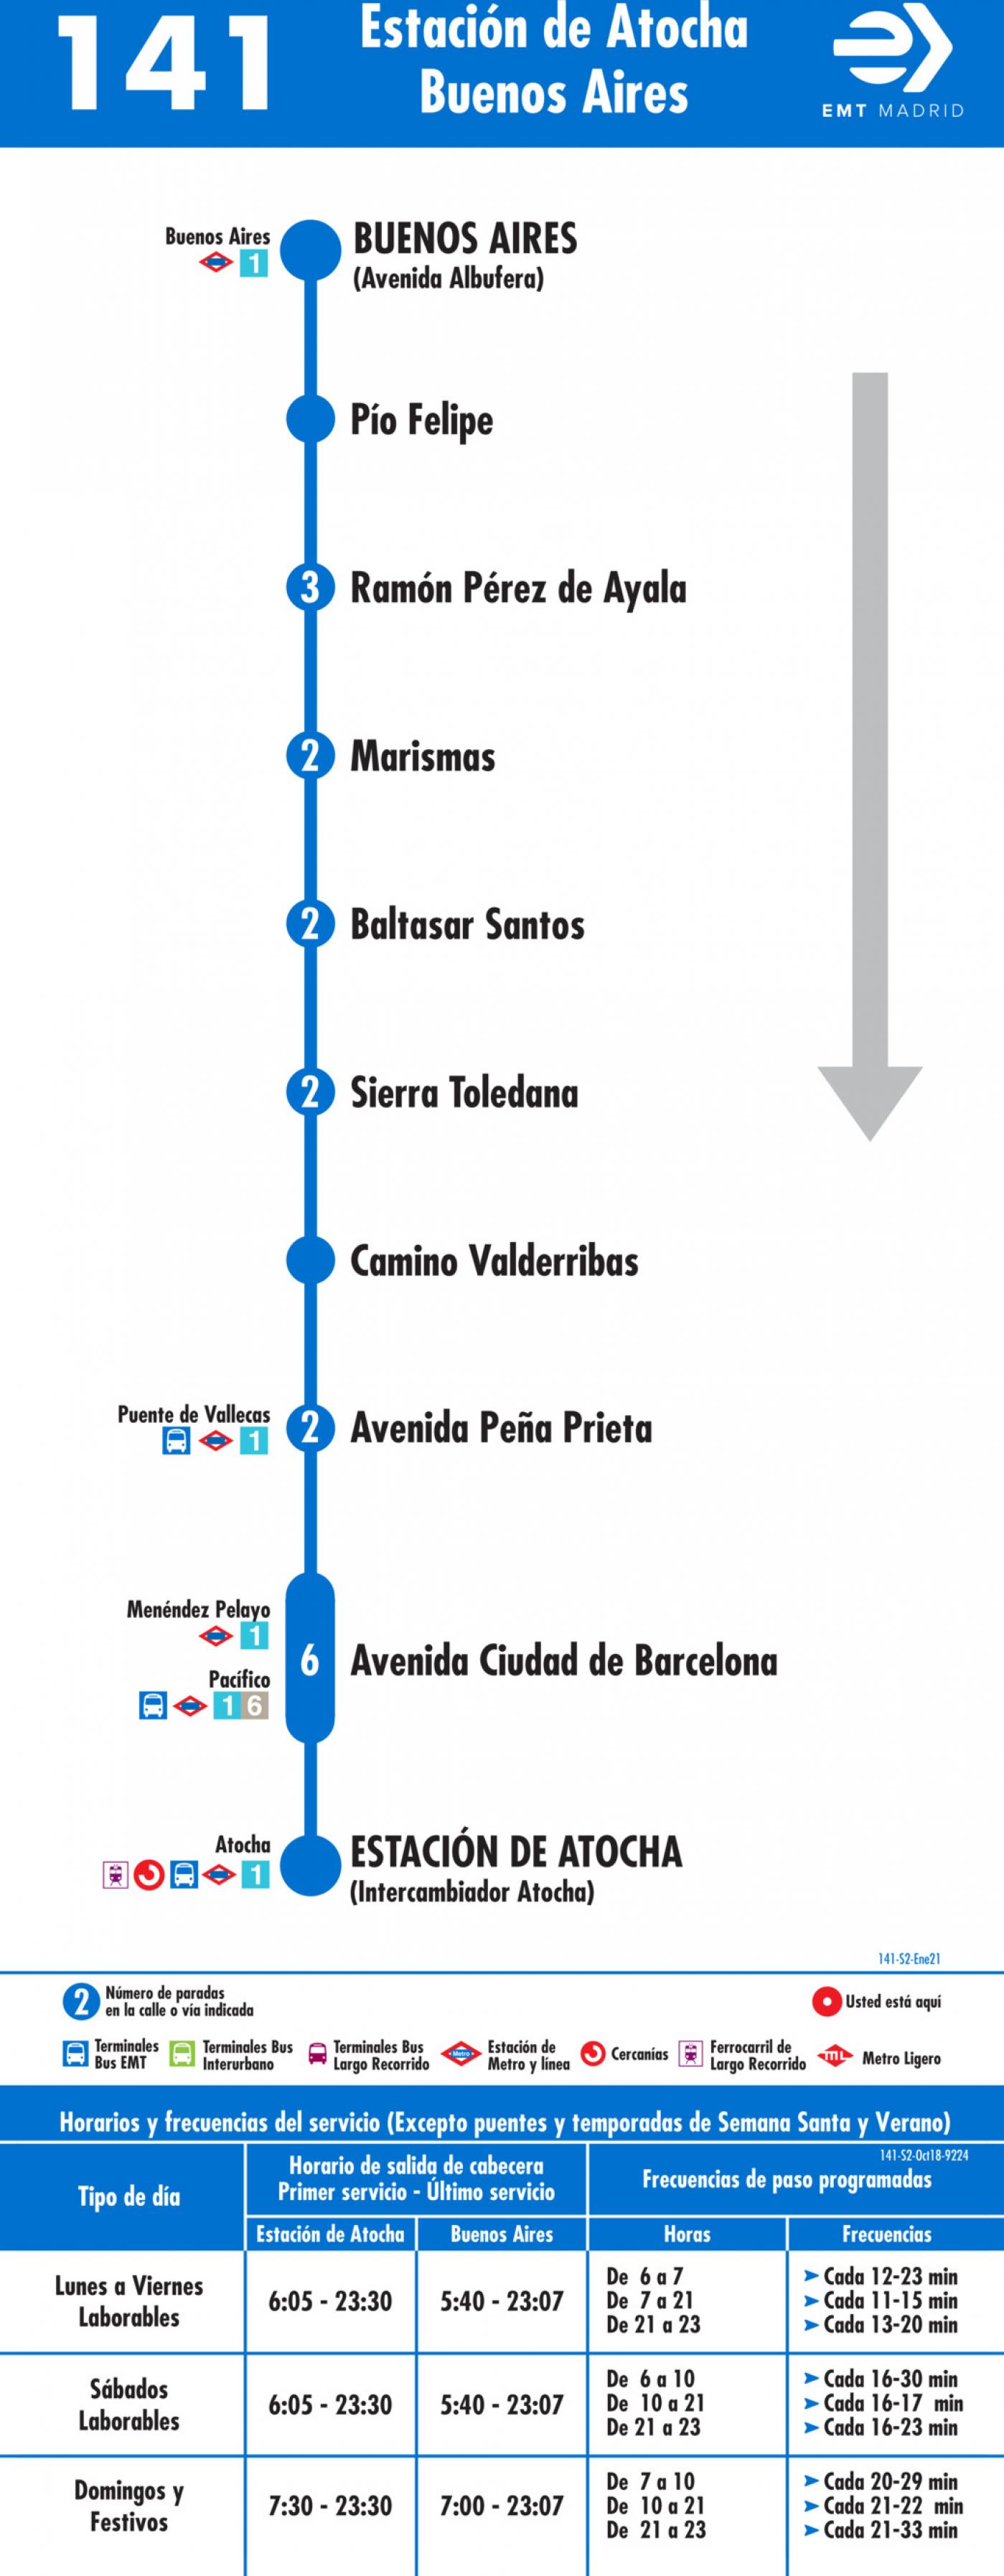 Tabla de horarios y frecuencias de paso en sentido vuelta Línea 141: Atocha - Buenos Aires